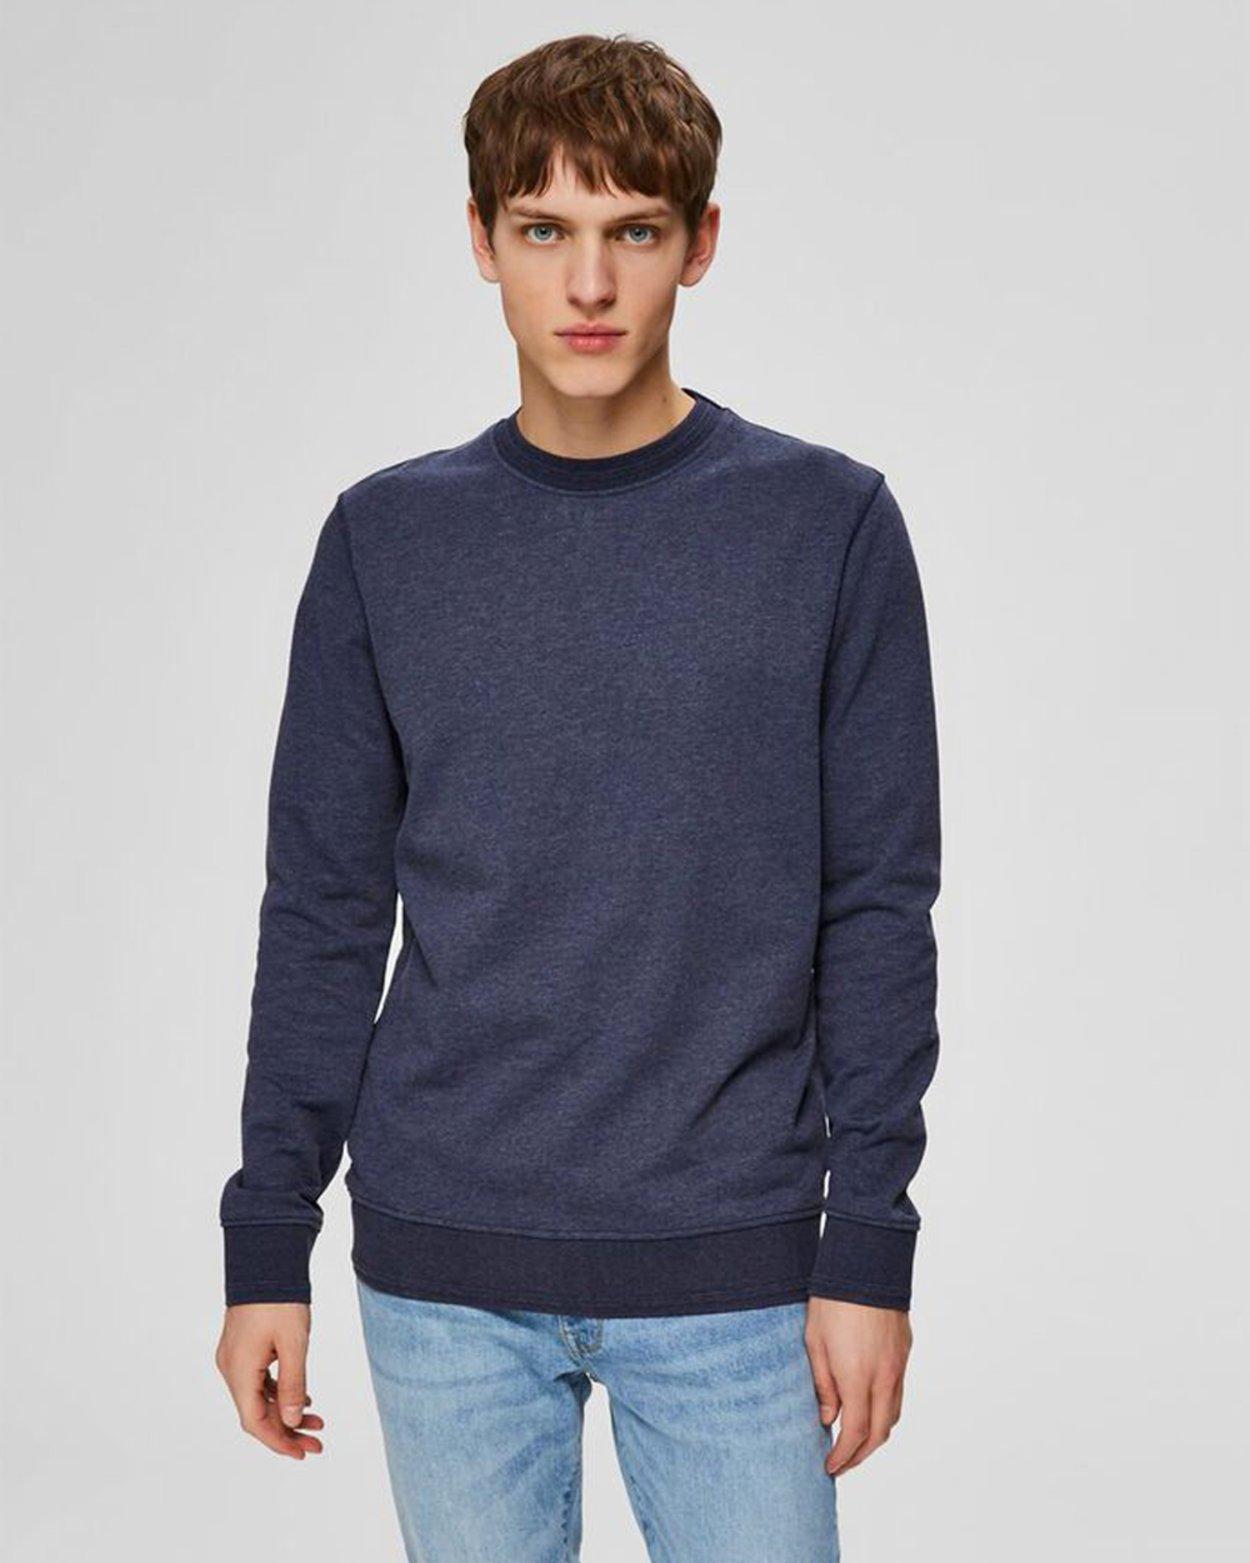 Bono Crew Neck Sweatshirt